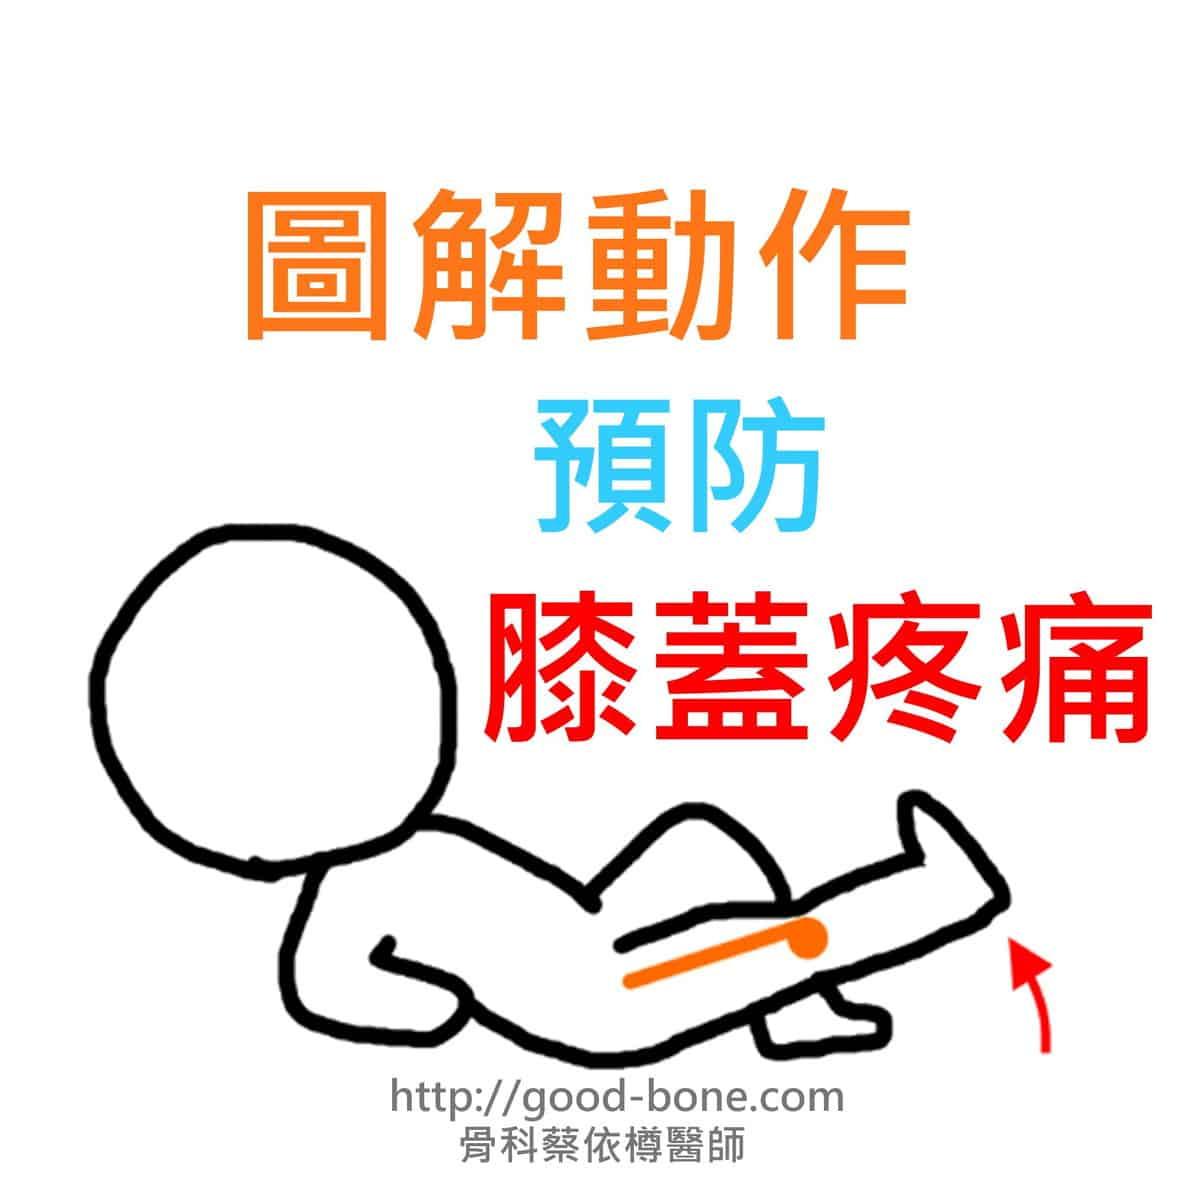 圖解動作預防膝蓋疼痛 台中骨科蔡依樽醫師https://good-bone.com